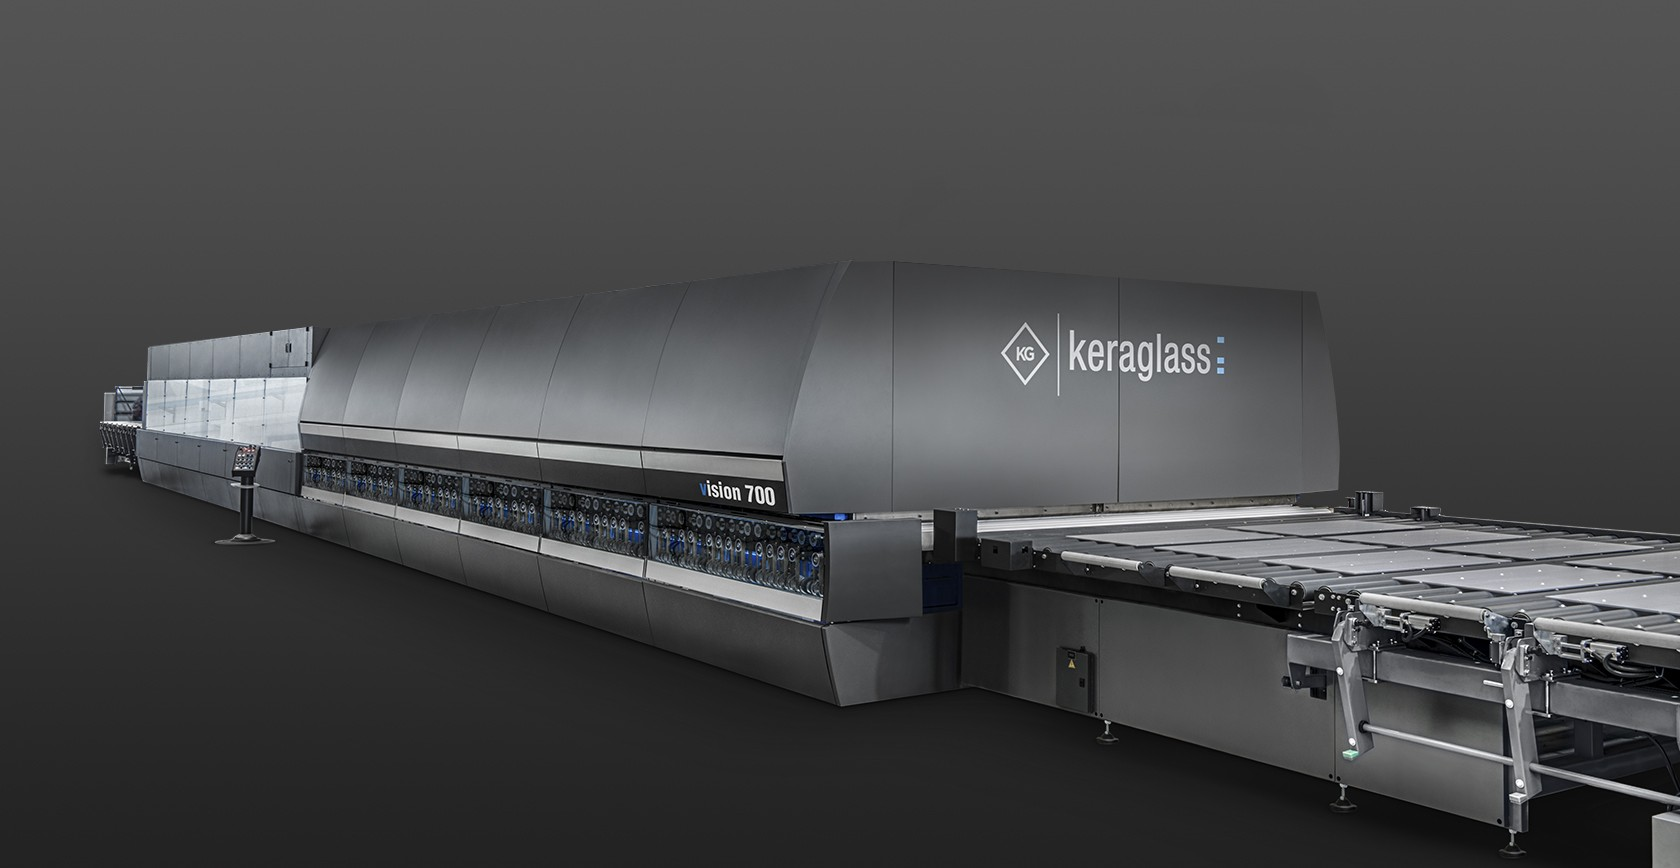 Keraglass Vision 700